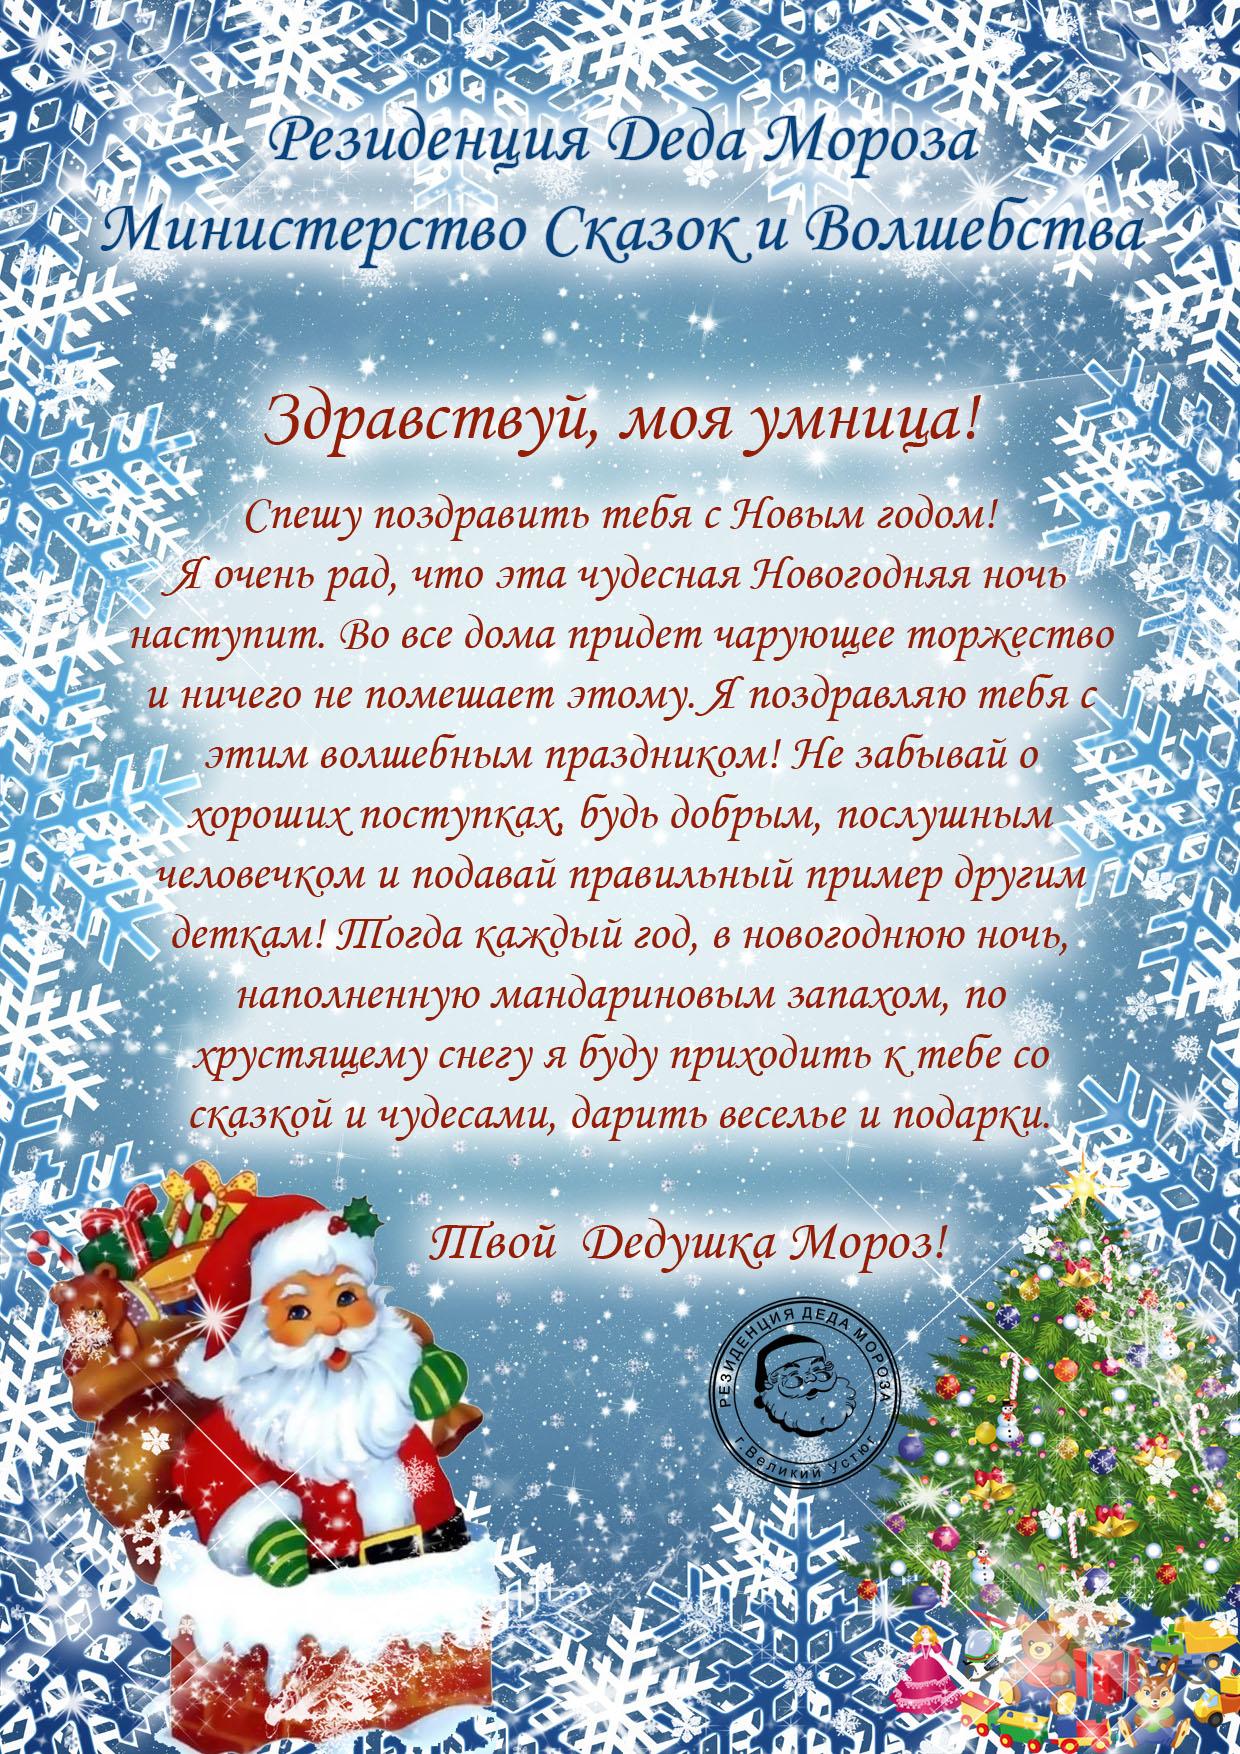 новогоднее письмо и поздравление от деда мороза